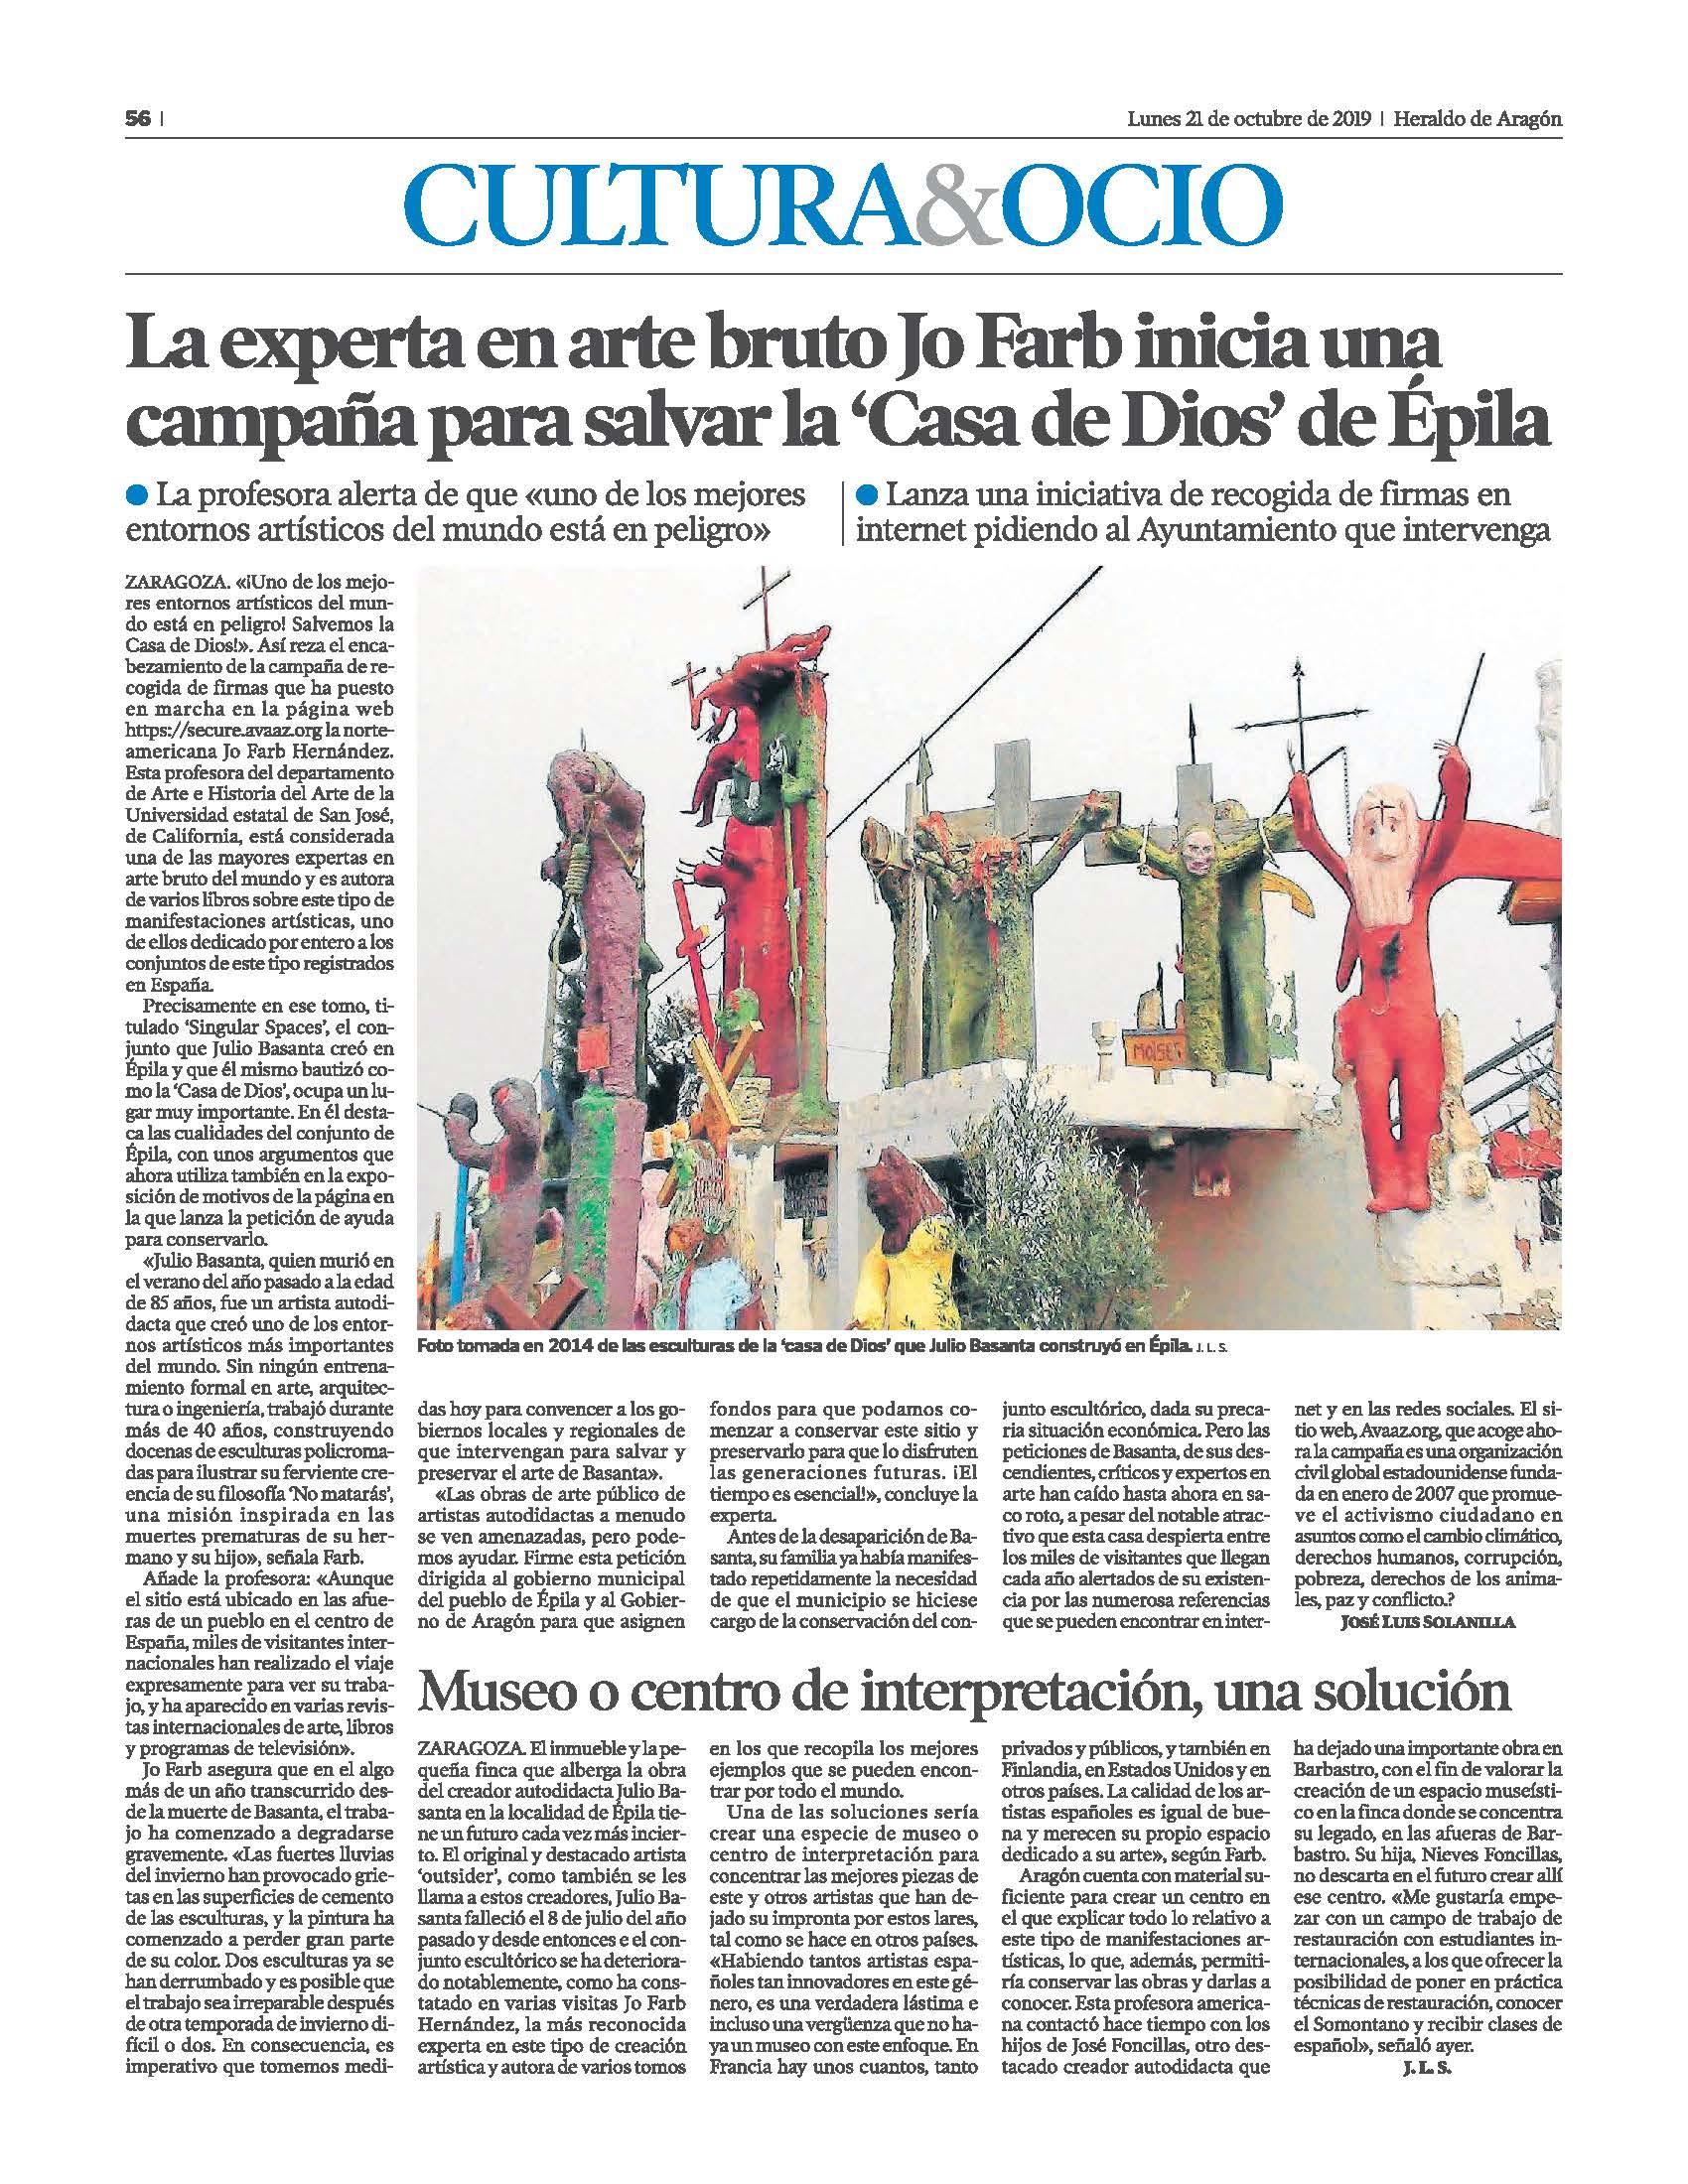 La experta en arte bruto Jo Farb inicia una campaña para salvar la 'Casa de Dios' de Épila Heraldo de Aragon 21 oct 2019